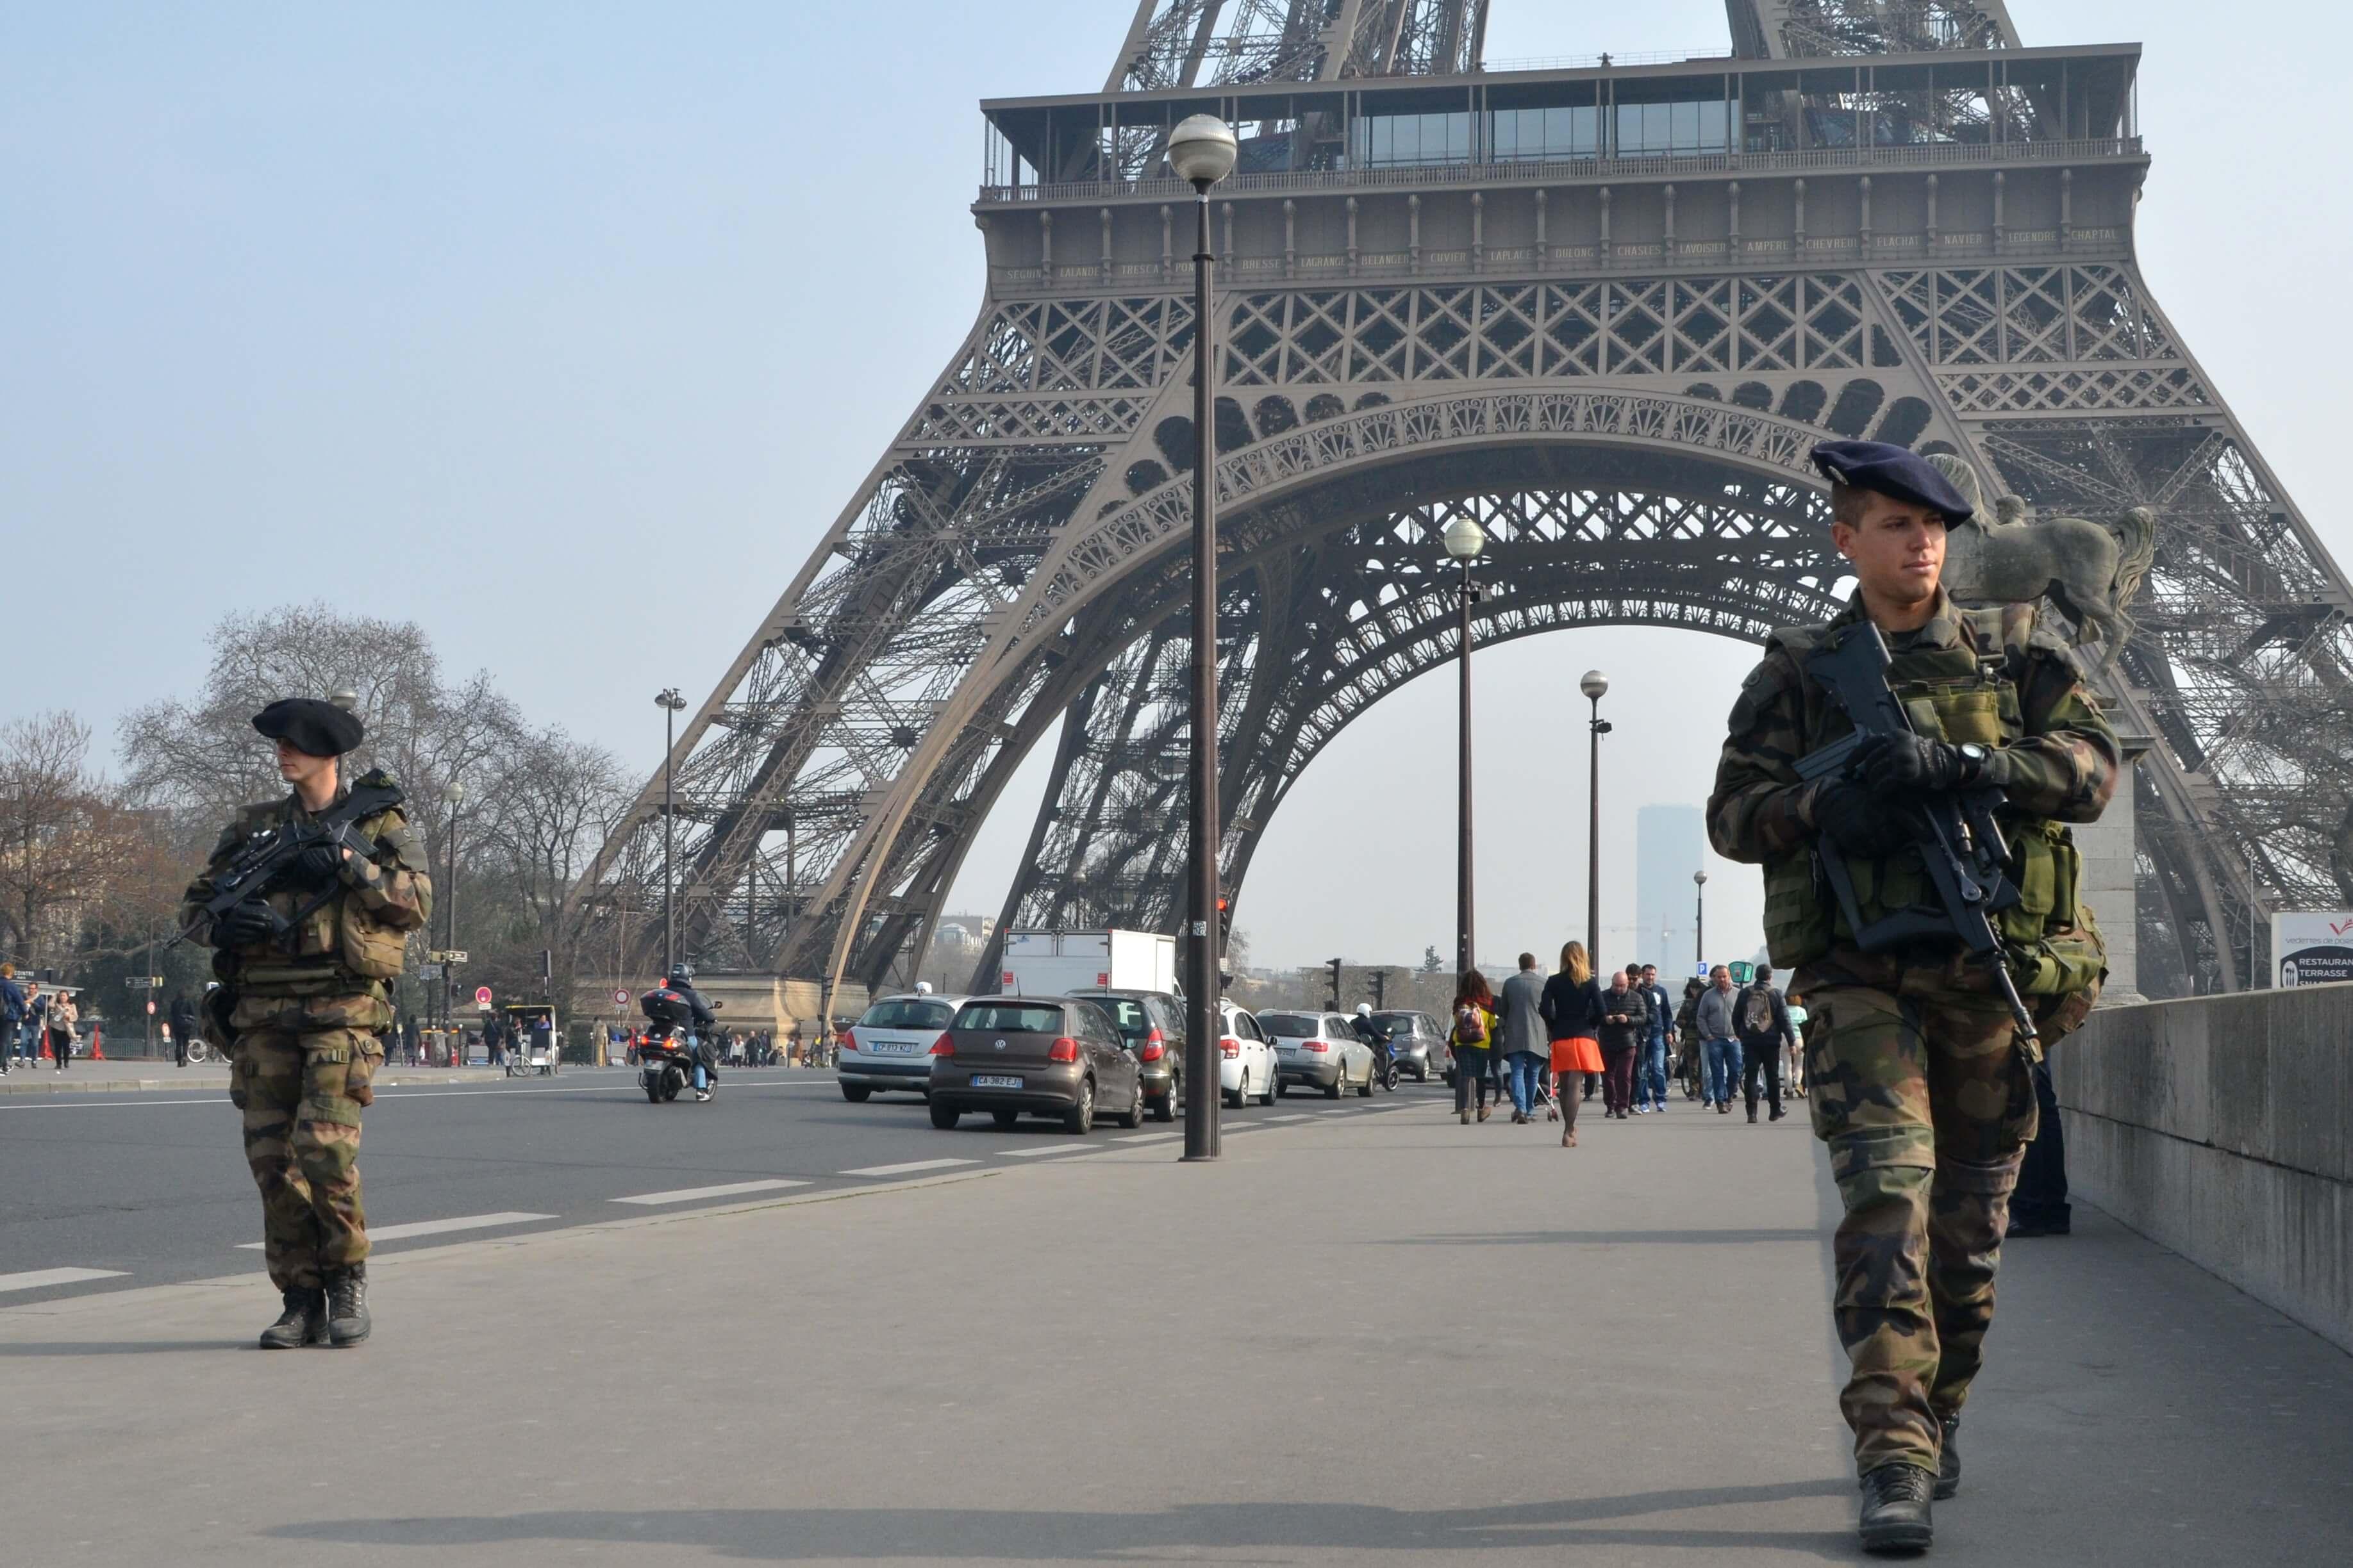 https://www.streetpress.com/sites/default/files/dsc_9723bisbis.militaires_-_copie.jpg